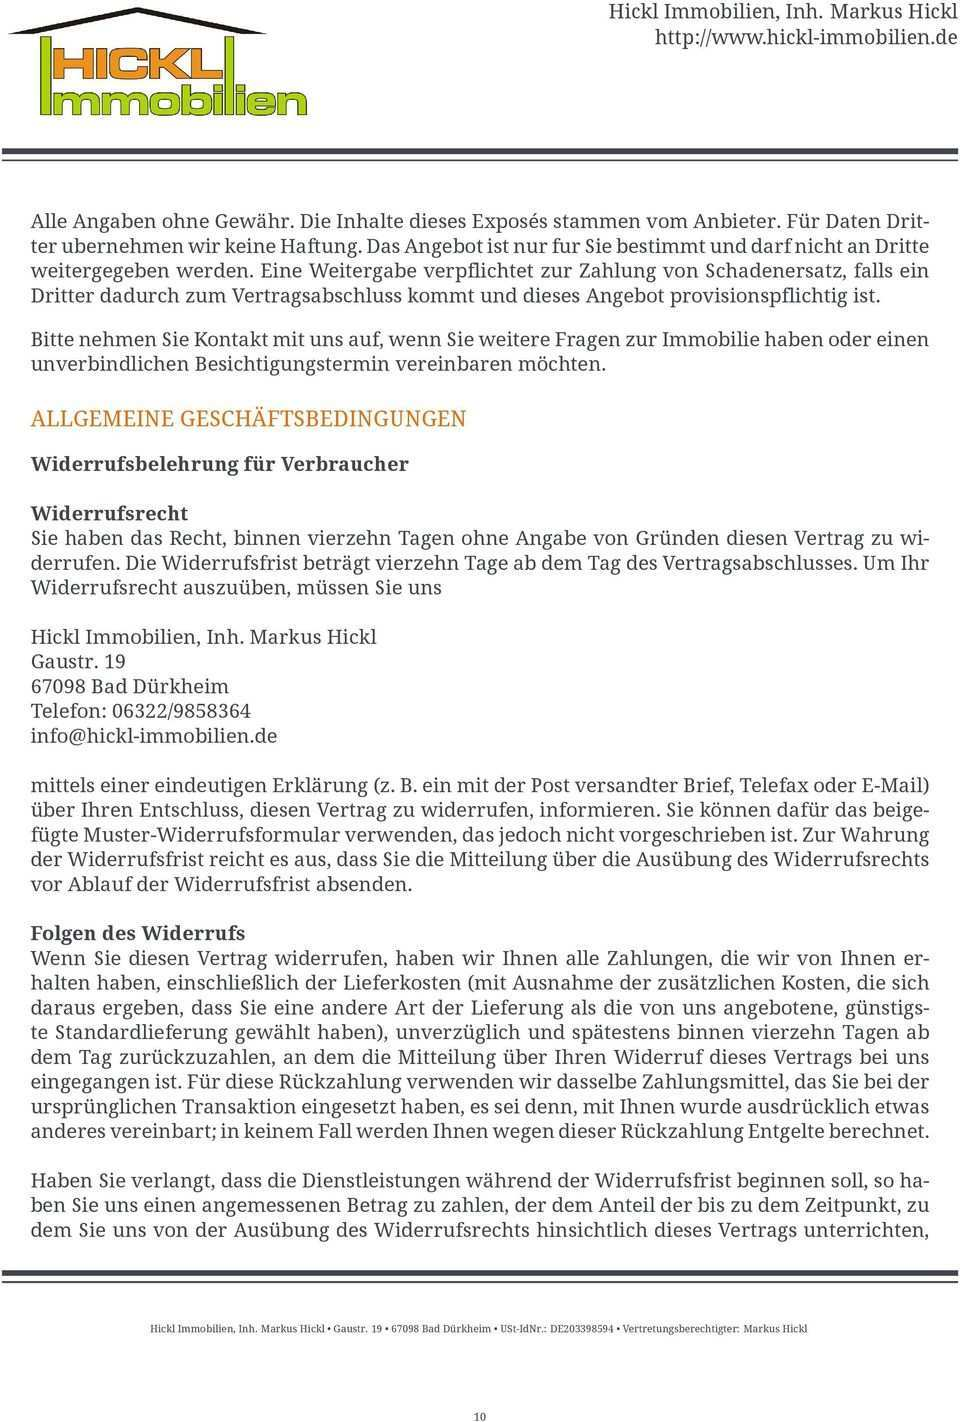 Schone Altbau Wohnung In Maikammer Pdf Kostenfreier Download